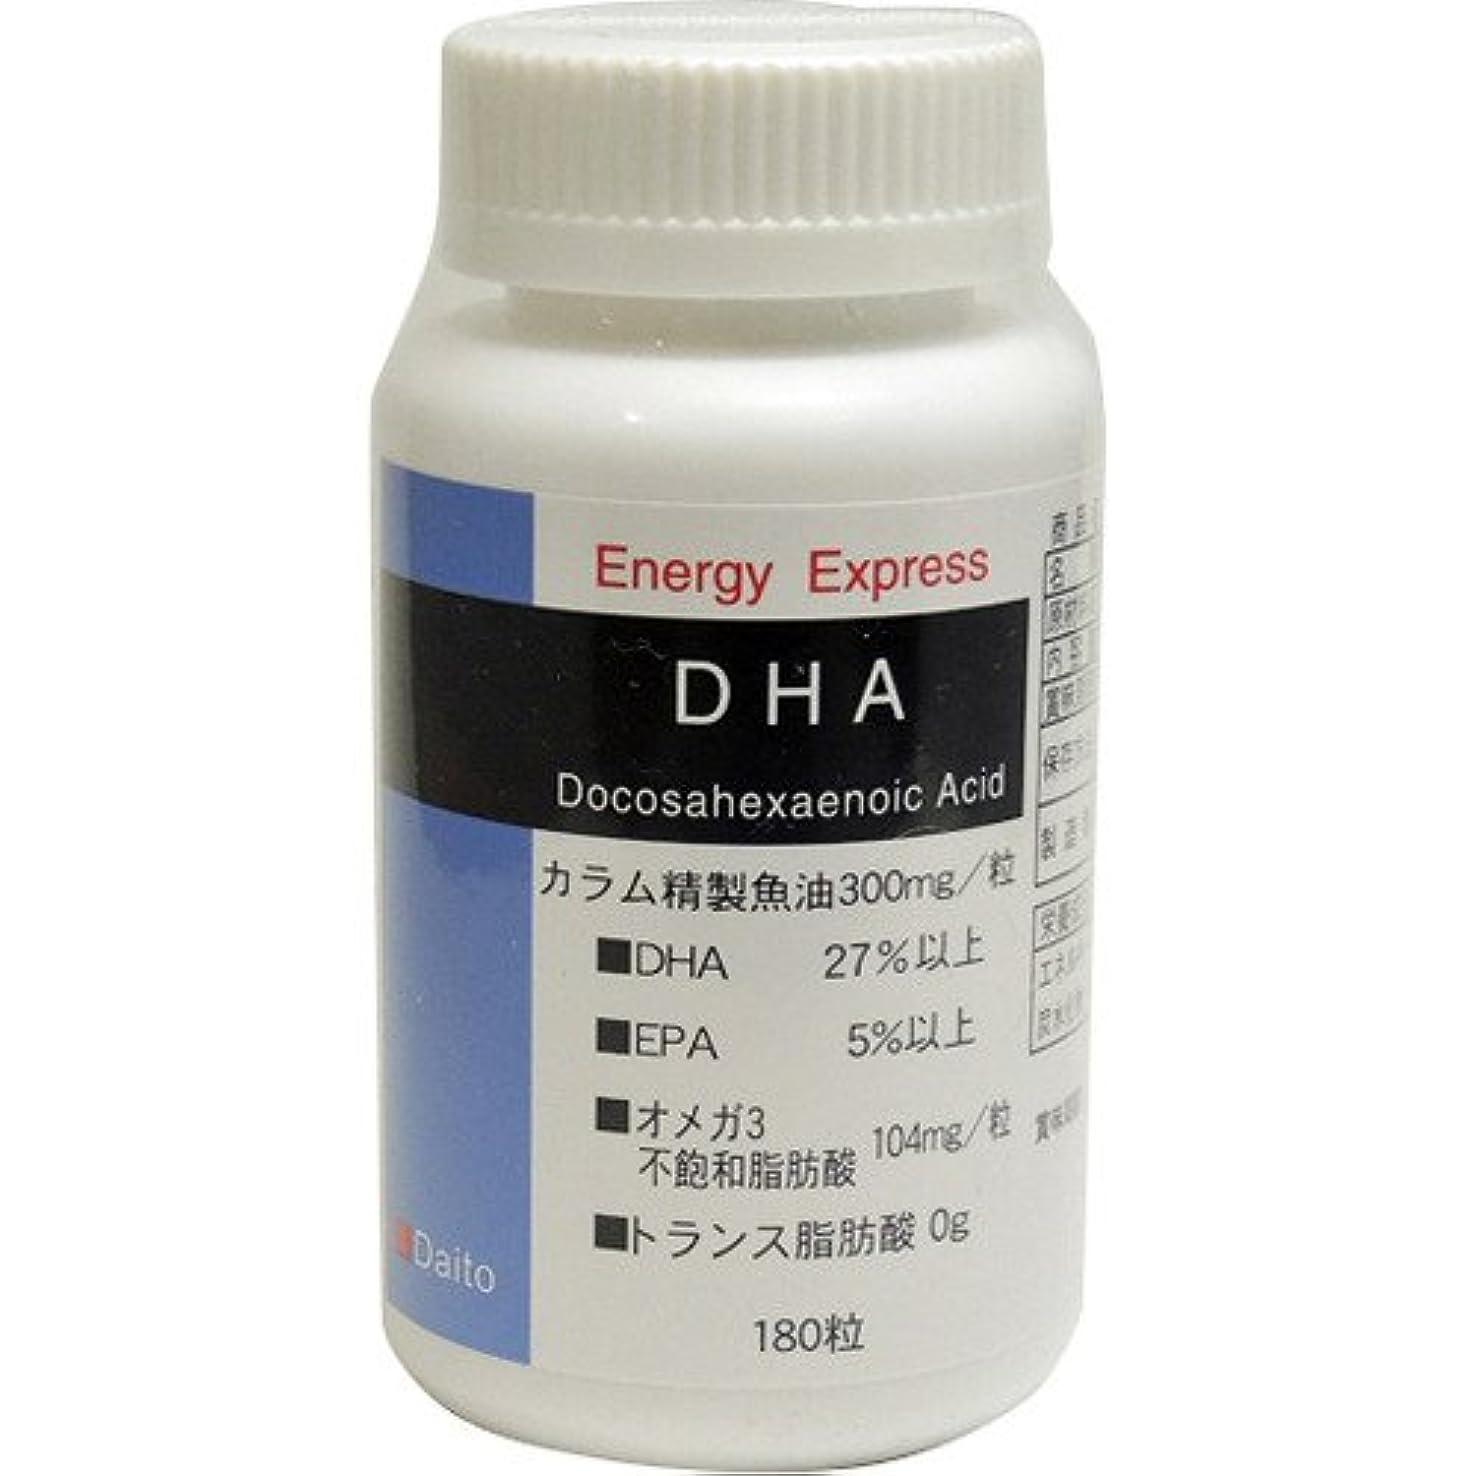 進捗魅力的であることへのアピールたっぷりダイトー水産 エナジーエキスプレス DHA 445mg×180粒入り